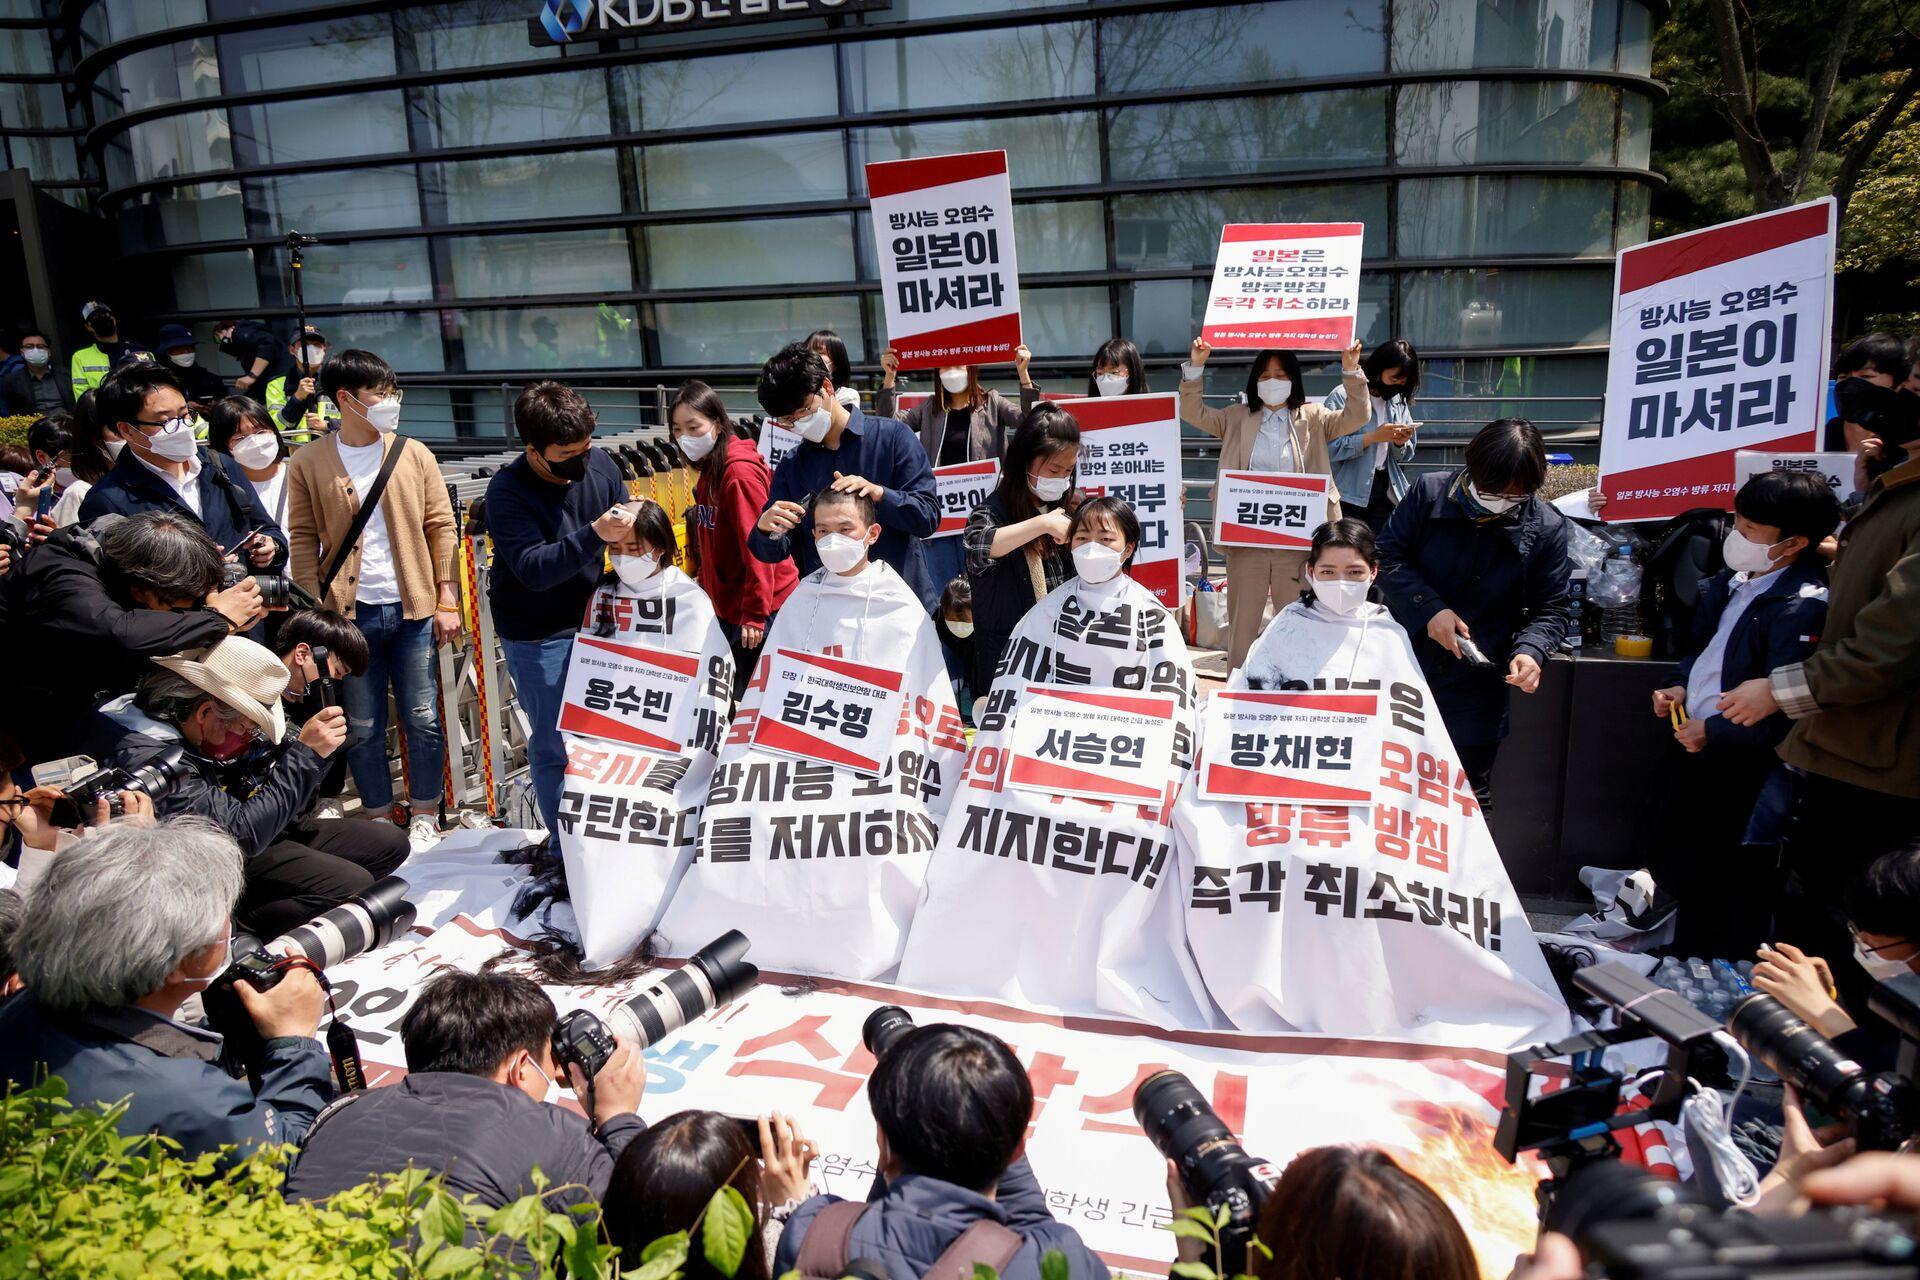 韓国の大学生30人以上が丸刈りに 日本の原発処理水海洋放出に抗議【写真】 - Sputnik 日本, 1920, 20.04.2021